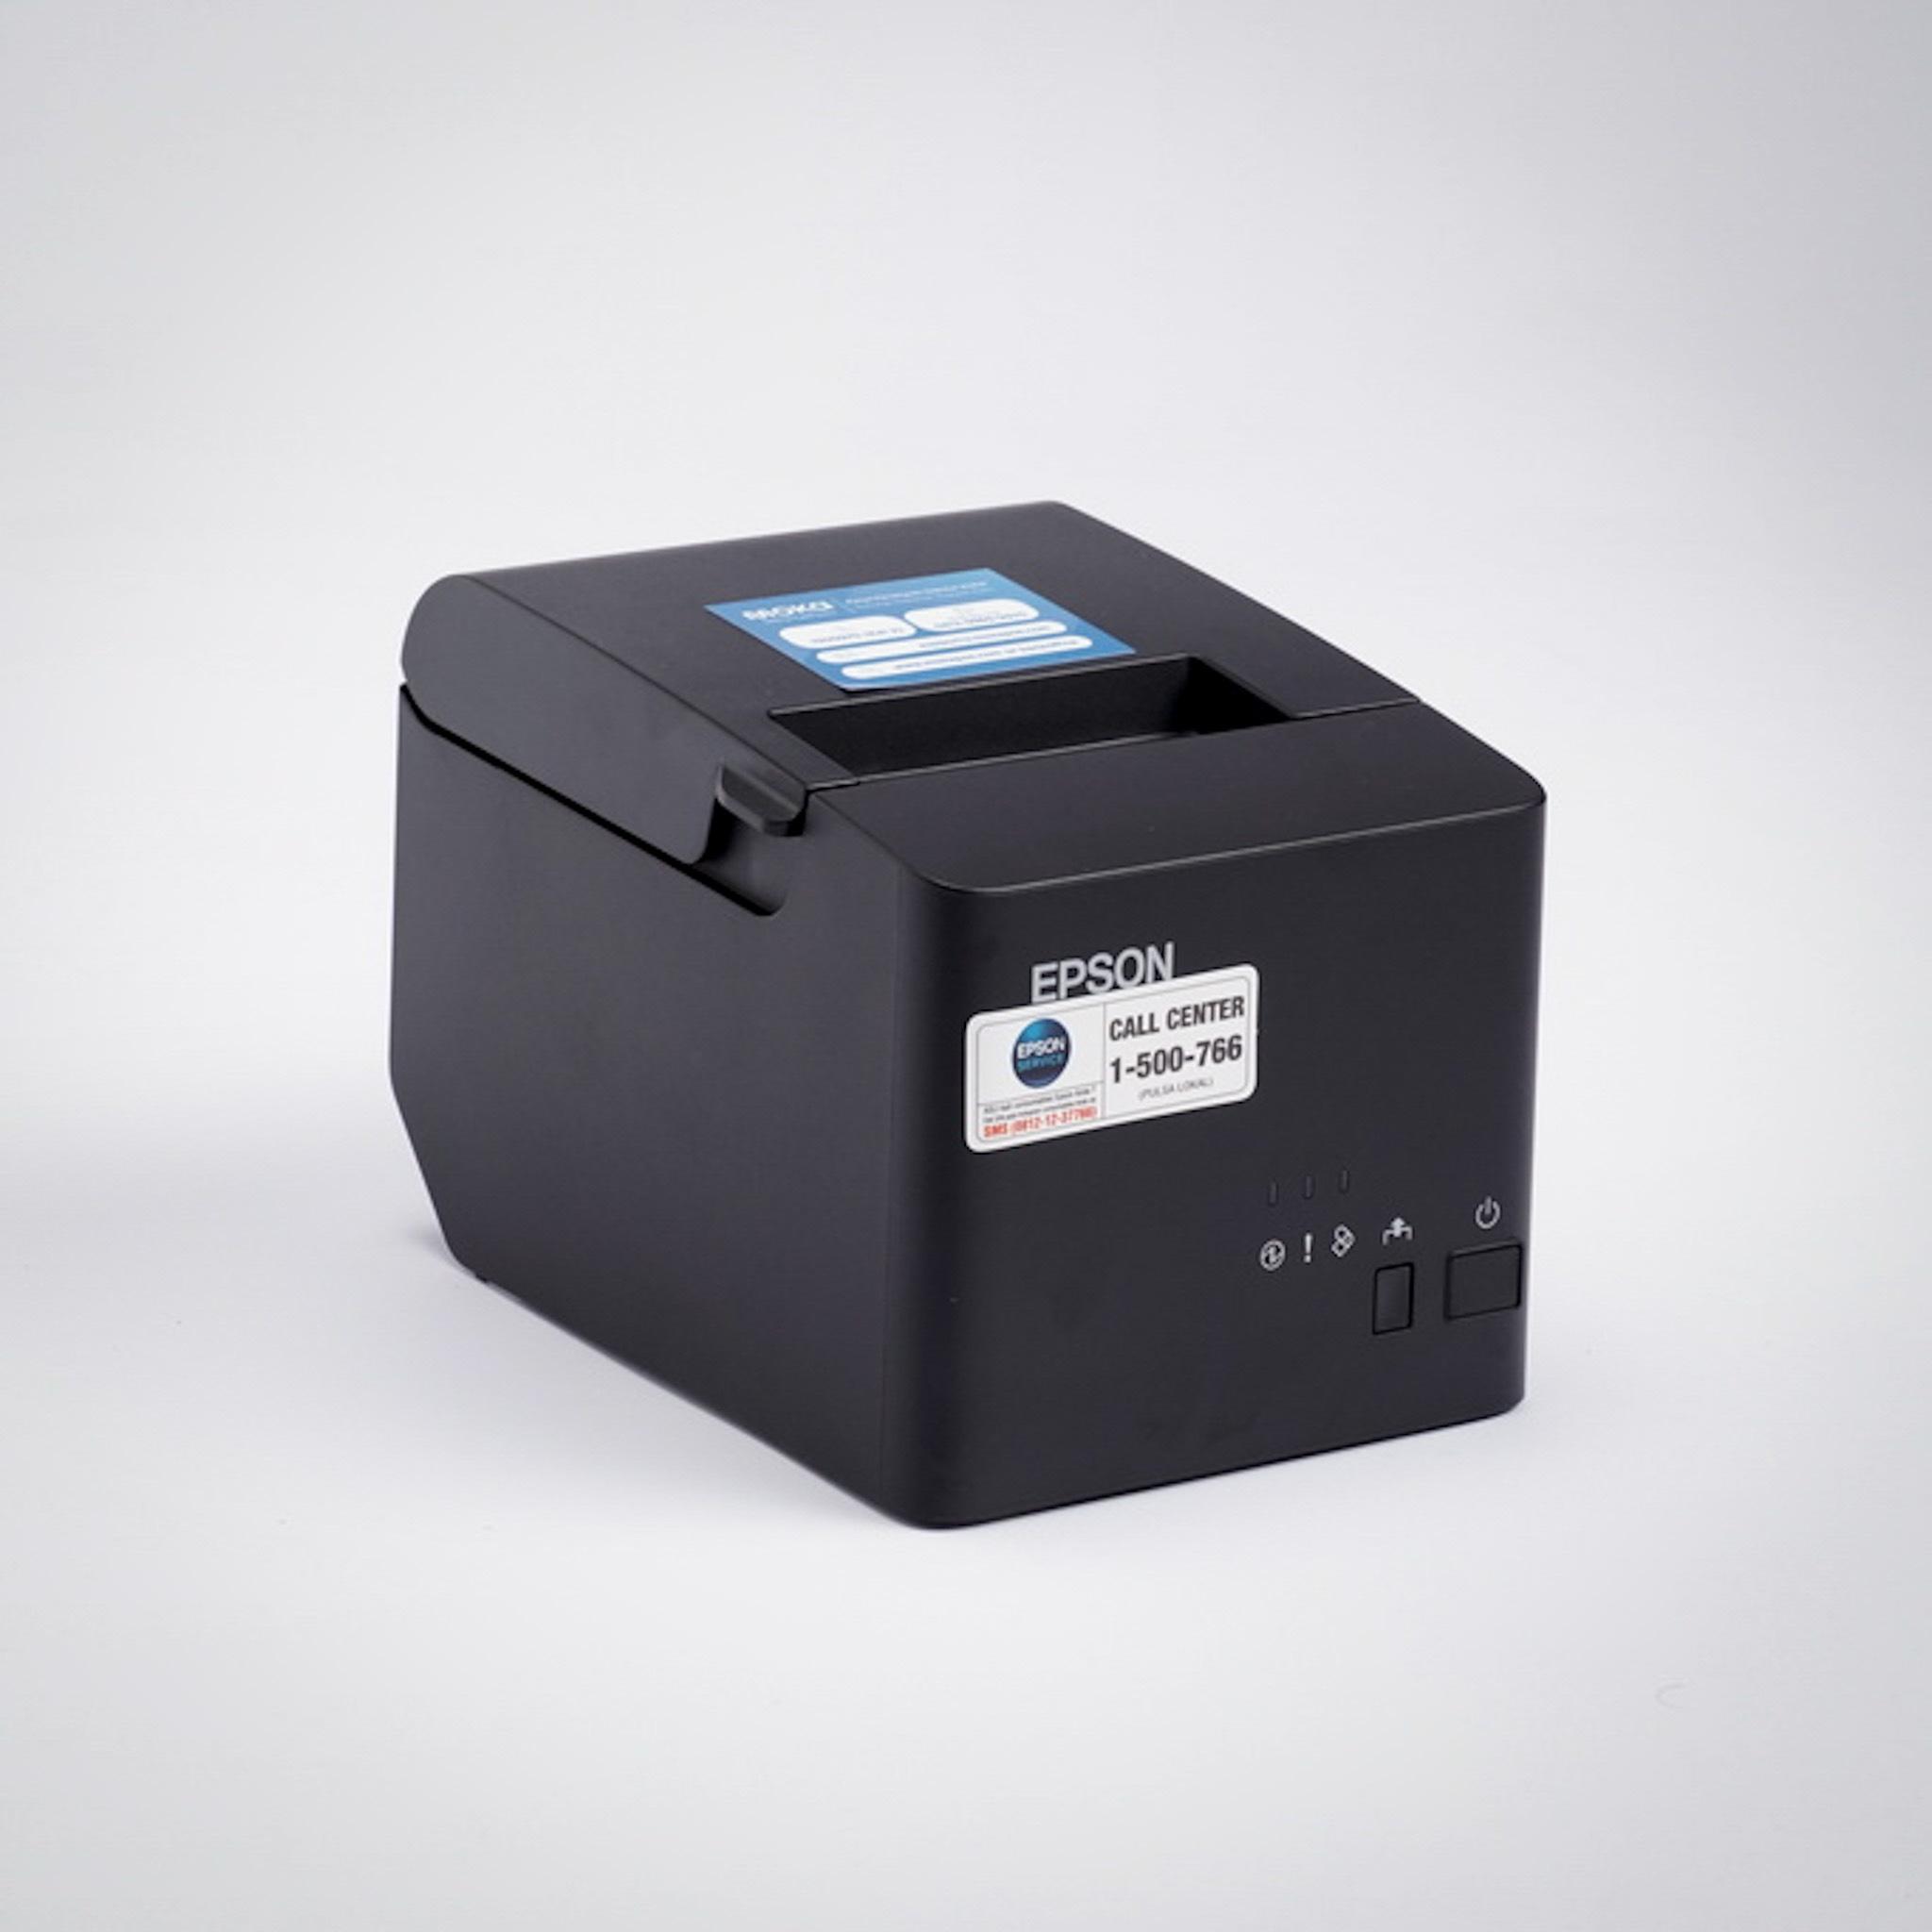 Belanja Printer Toko dan Dapur Epson TMT-82X di Moka